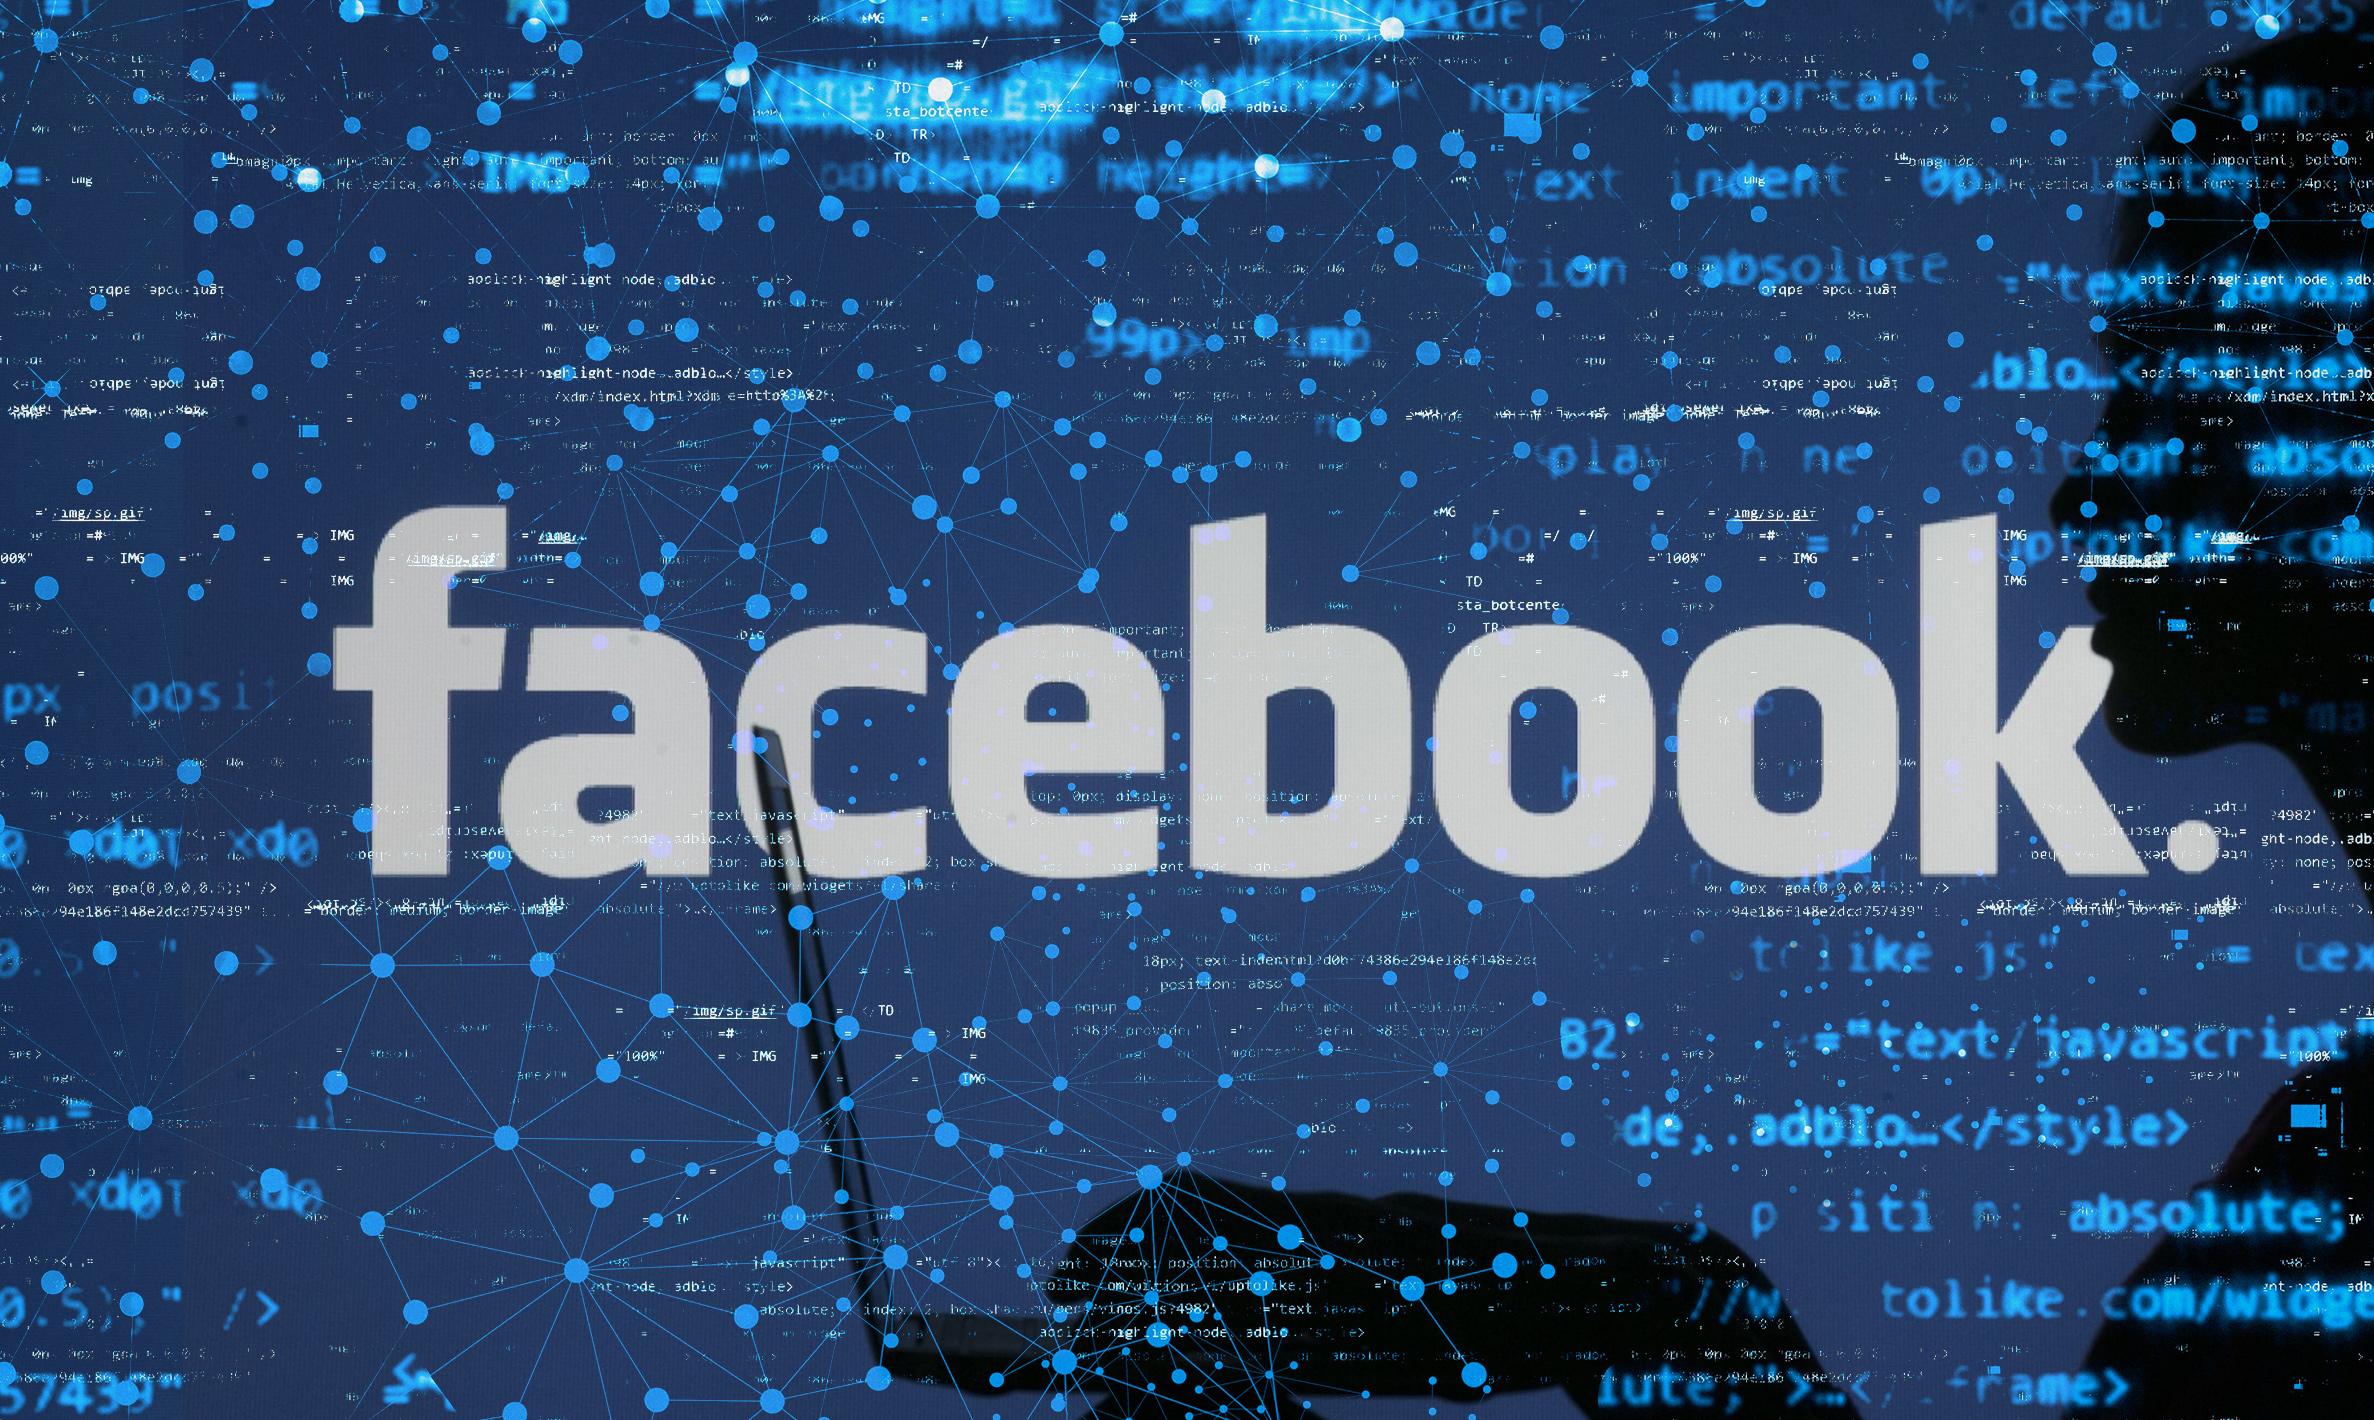 Njemačka zabranila Facebooku da gomila podatke o korisnicima